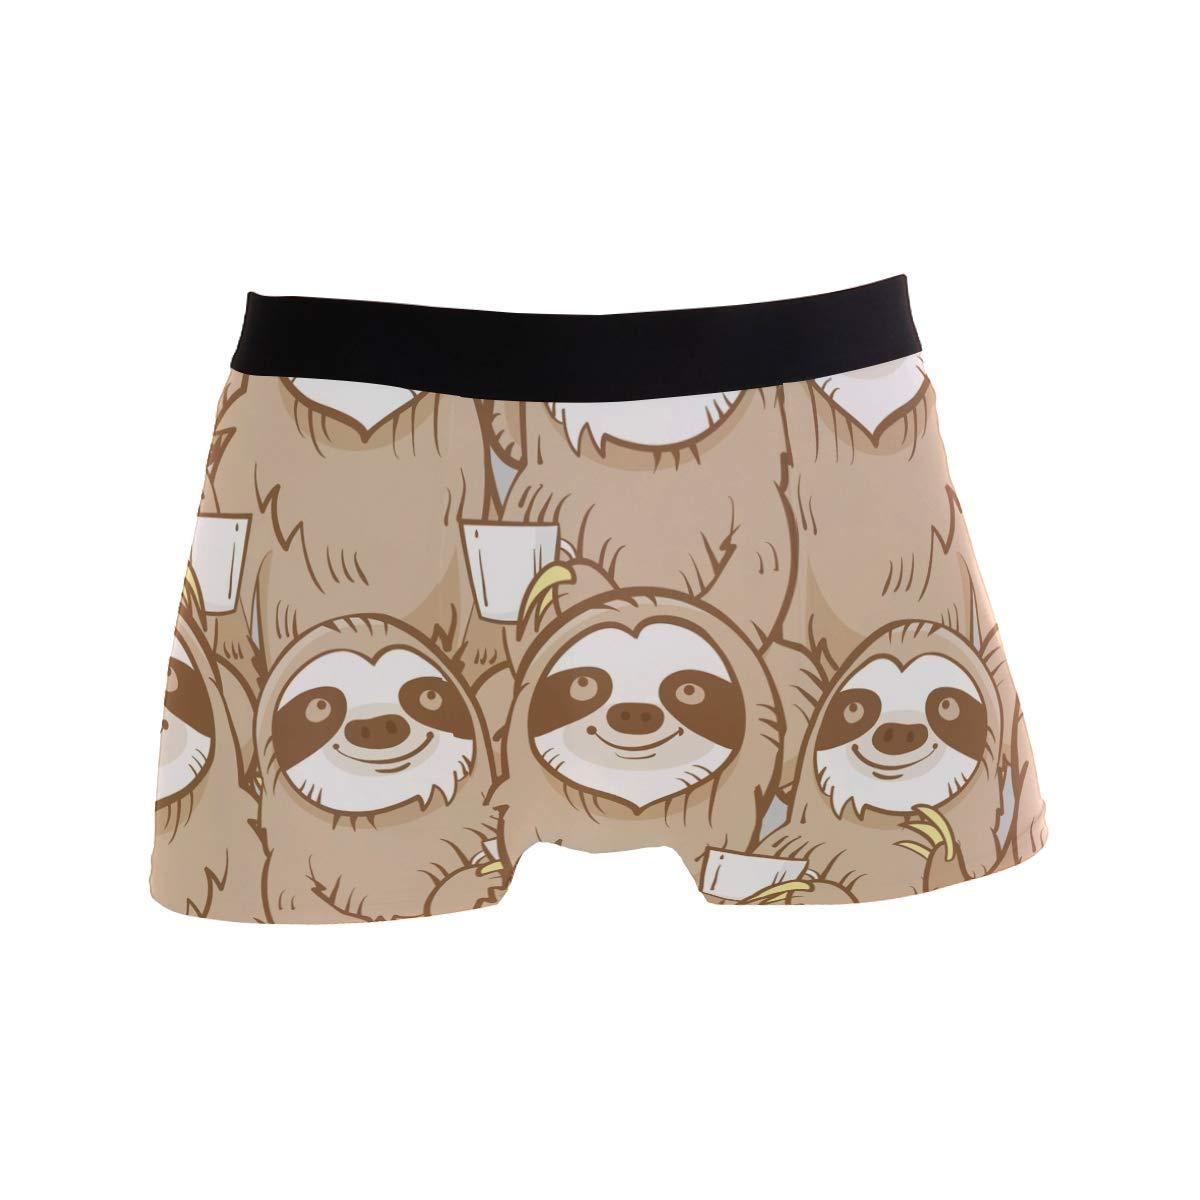 ZZKKO Cute Cartoon Sloth Mens Underwear Boxer Briefs Breathable Multi